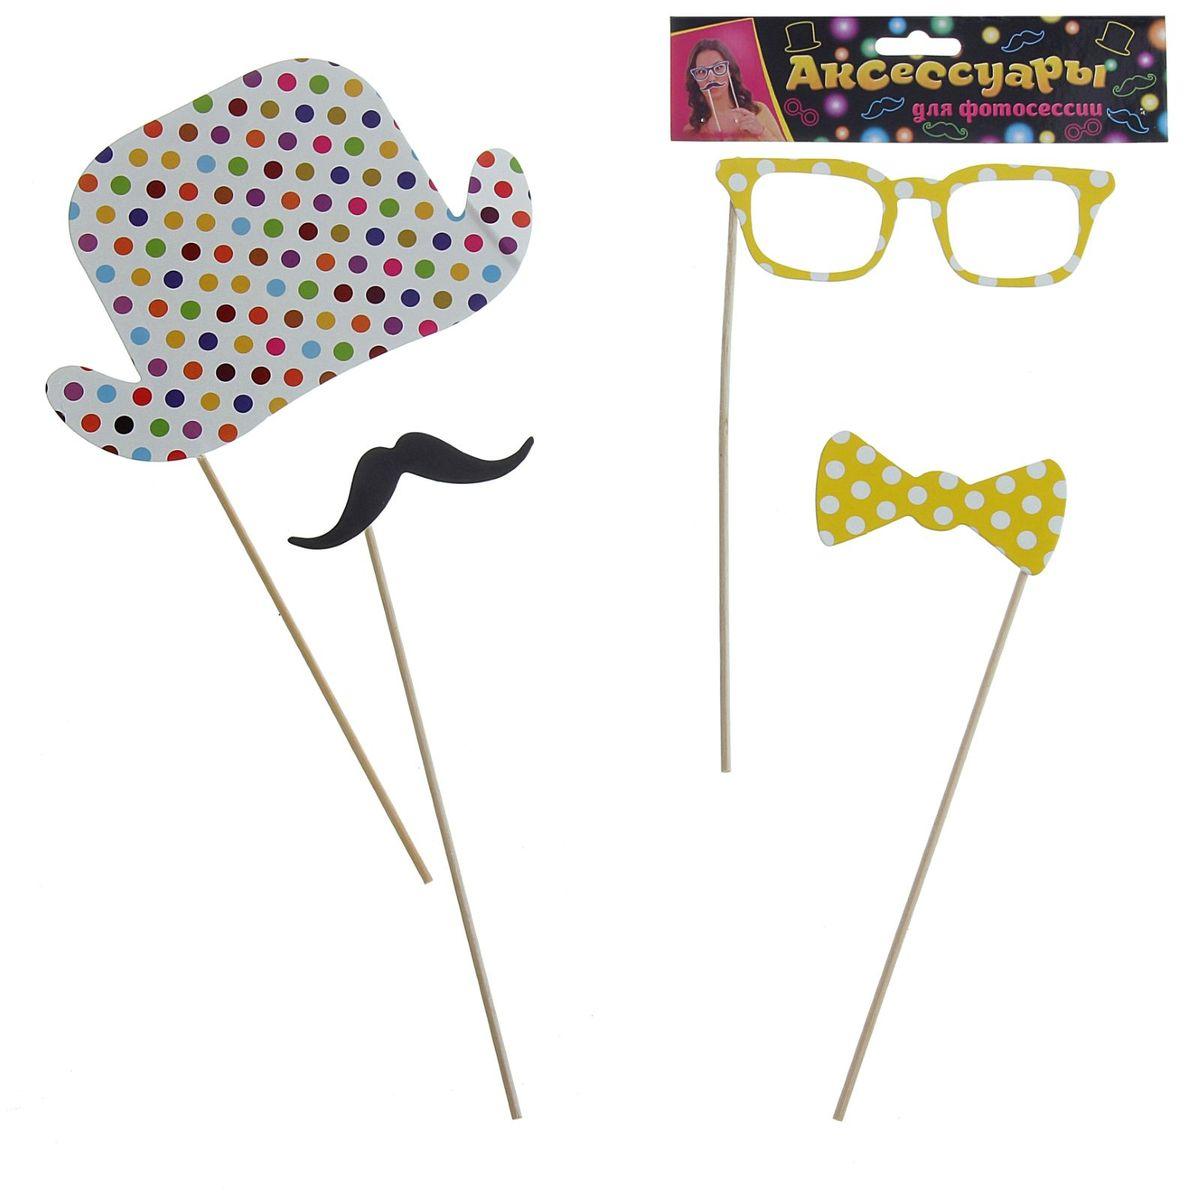 """Аксессуары для фотосессии на палочке """"Страна Карнавалия"""", 4 предмета: шляпа, бабочка, усы, очки"""